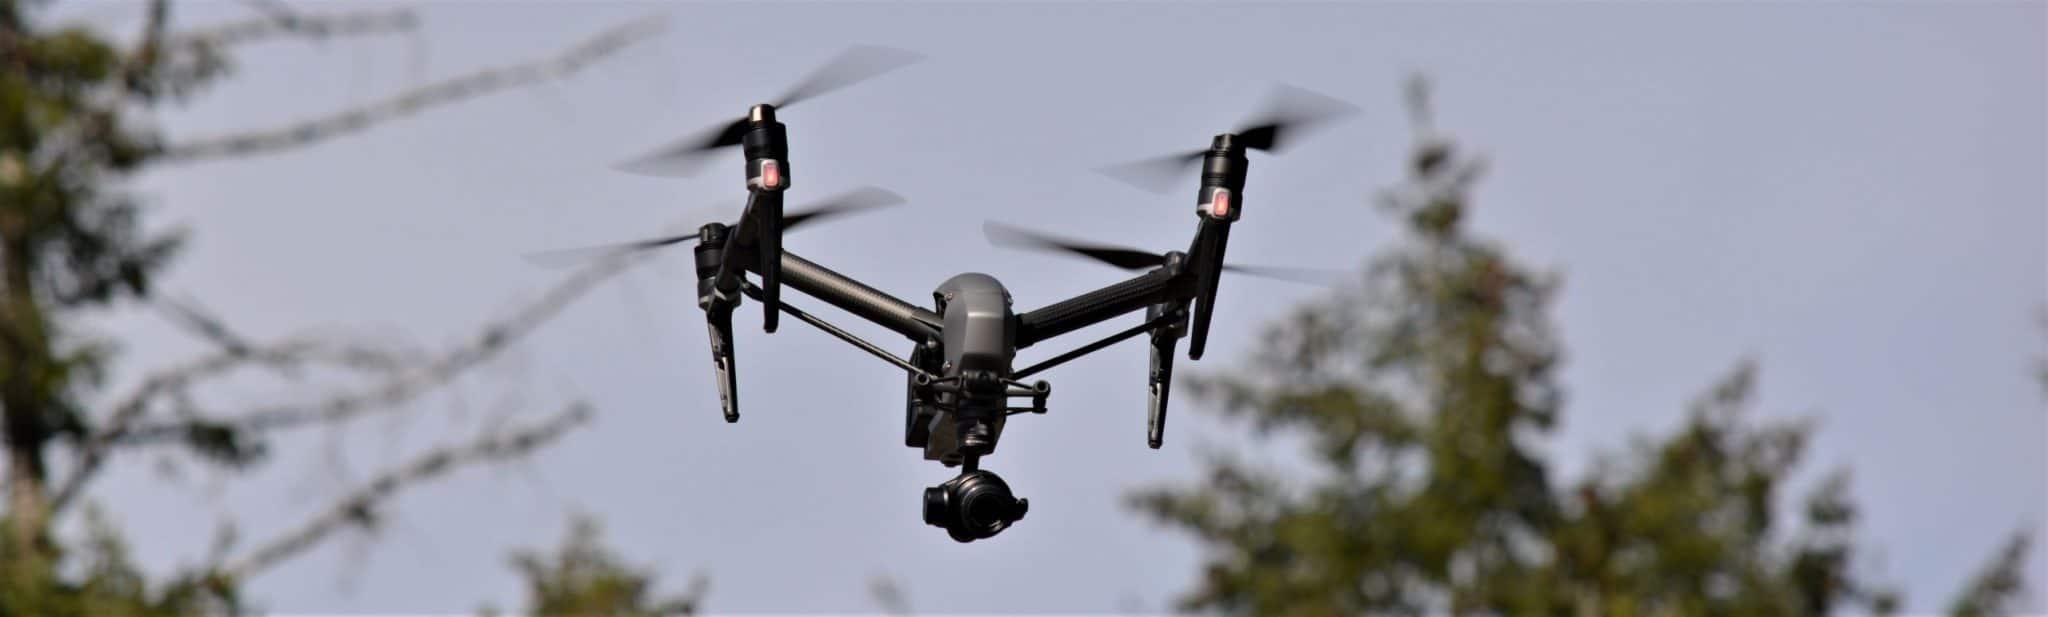 Enterprise Drone